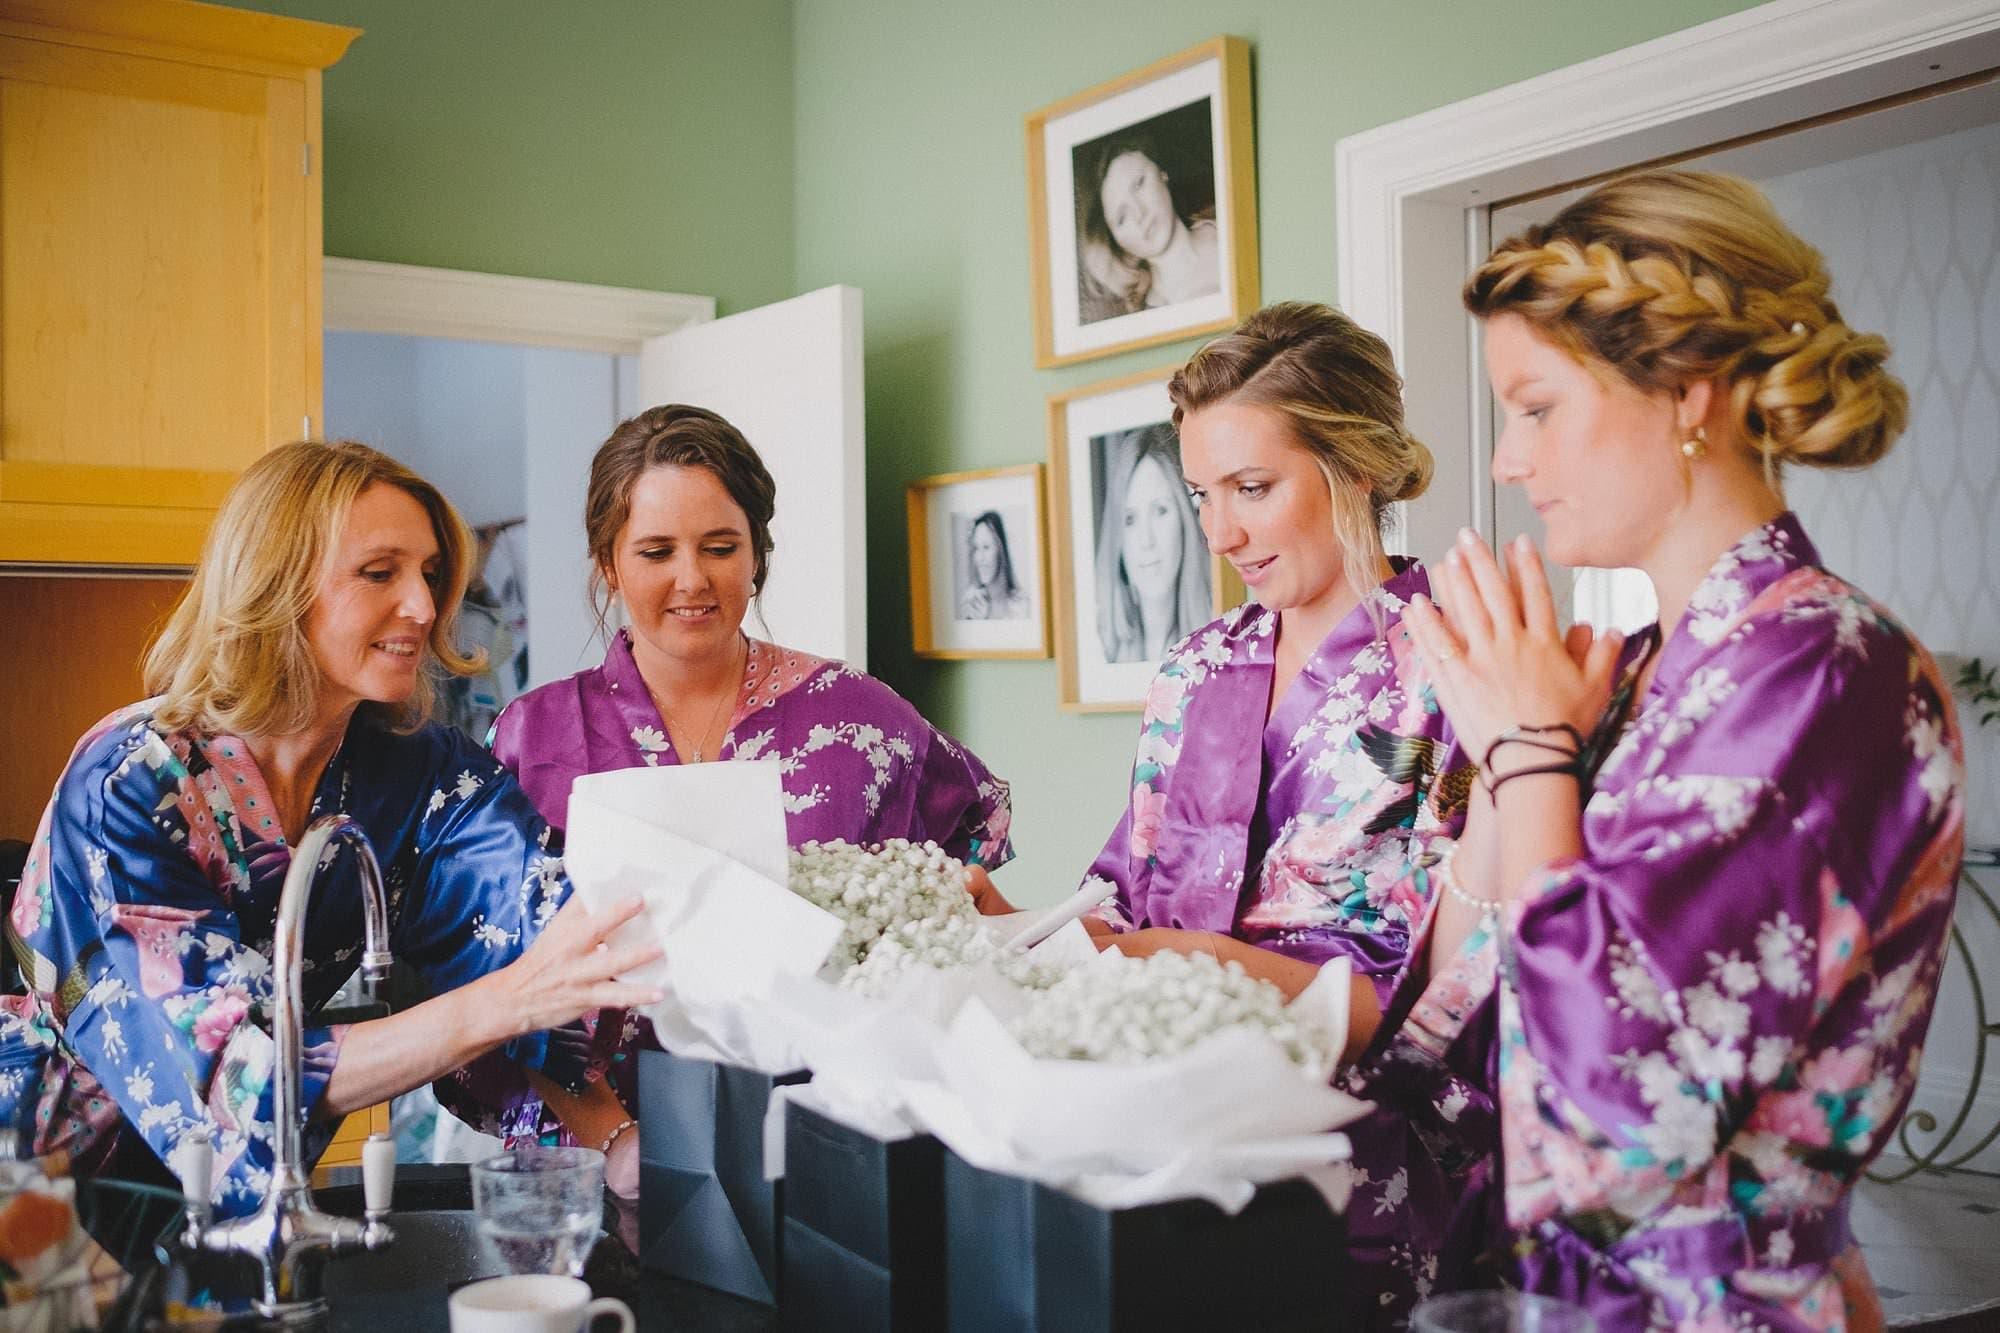 fulham palace wedding photographer 014 - Rosanna & Duncan's Fulham Palace Wedding